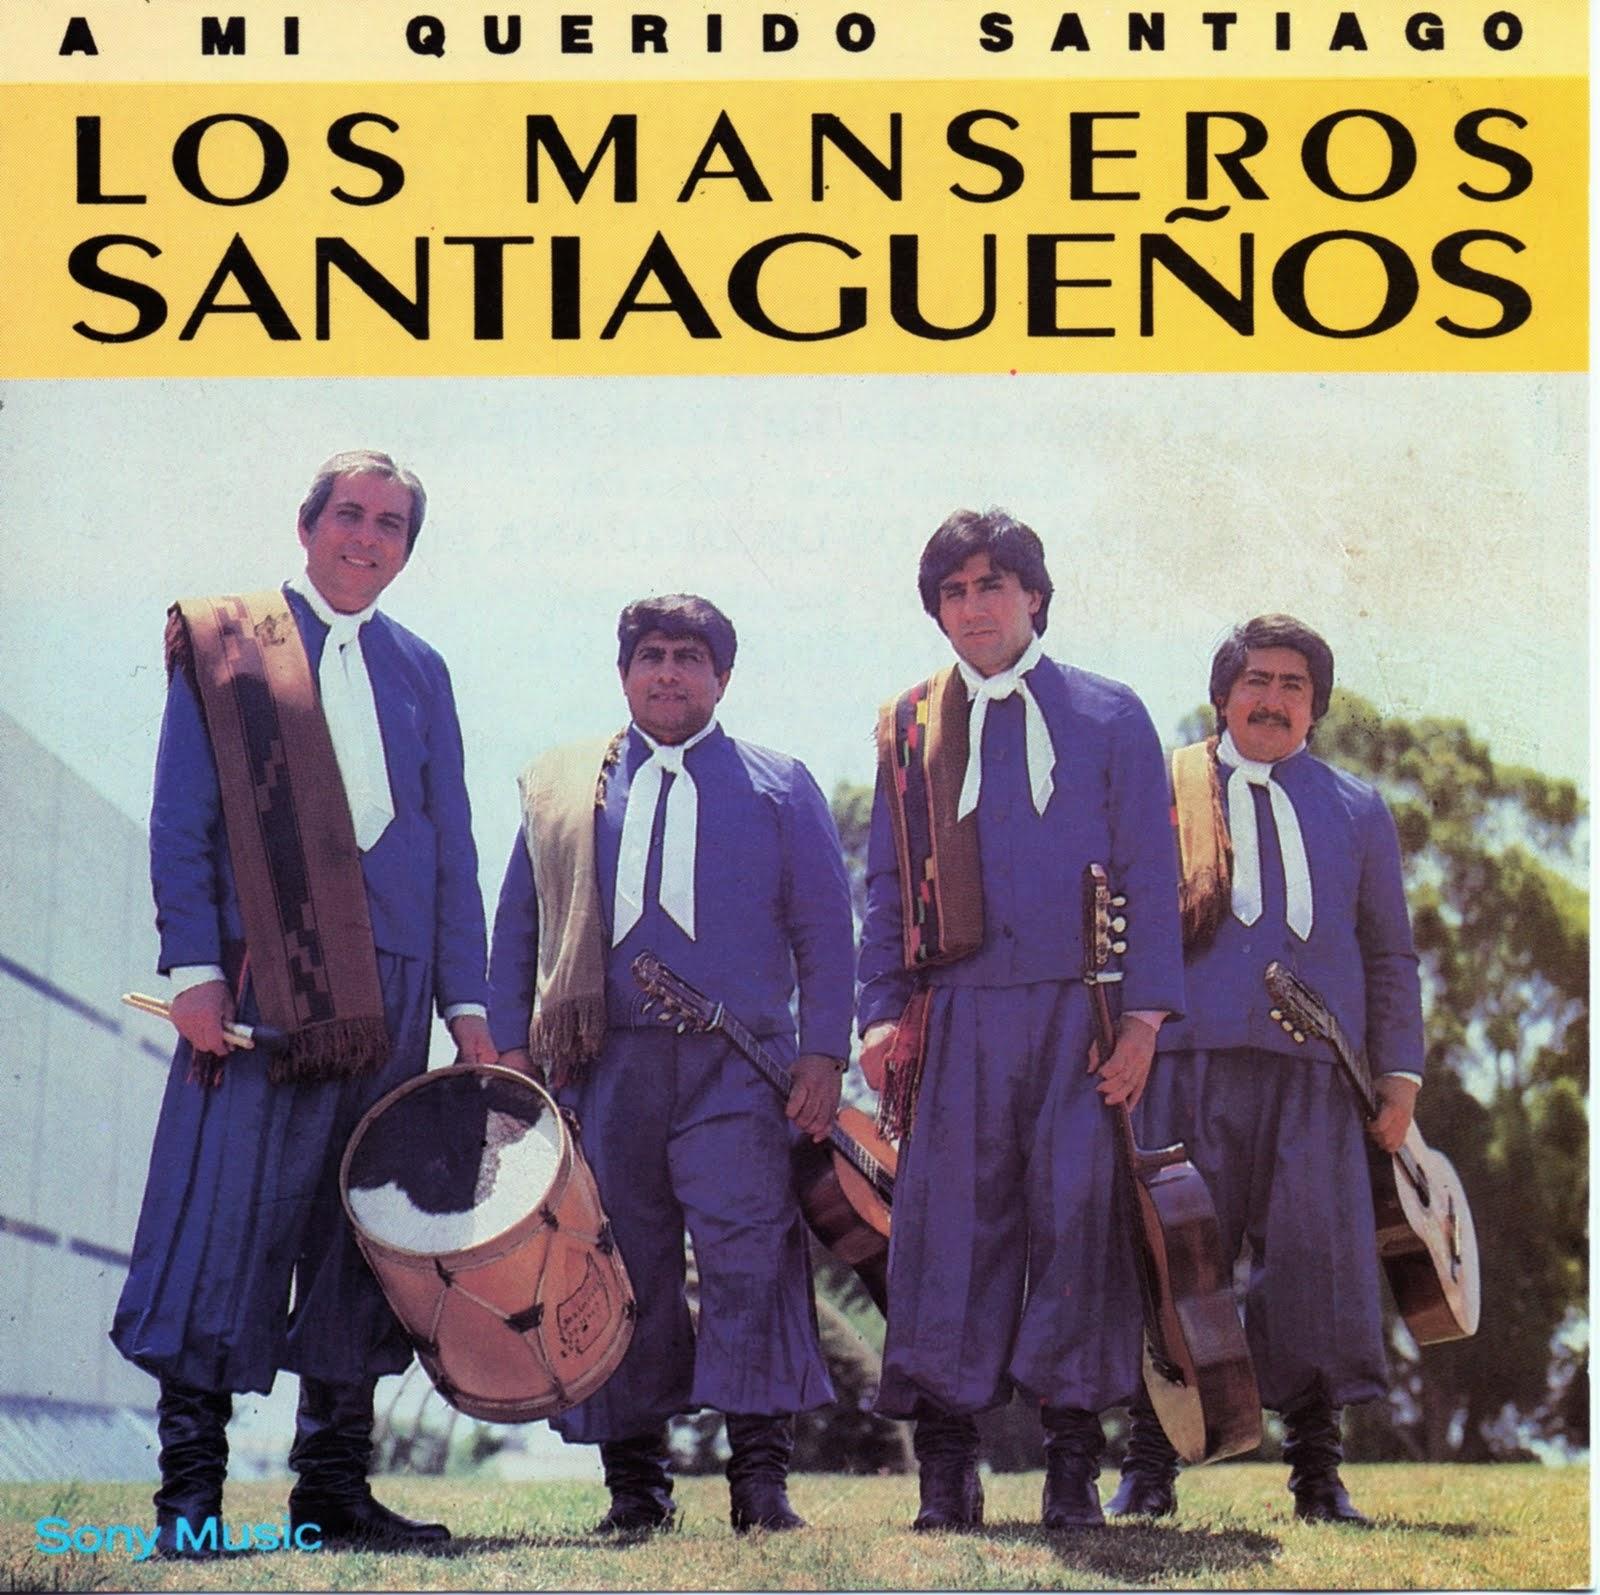 Los Manseros Santiagueños - Folklore Con Los Manseros Santiagueños